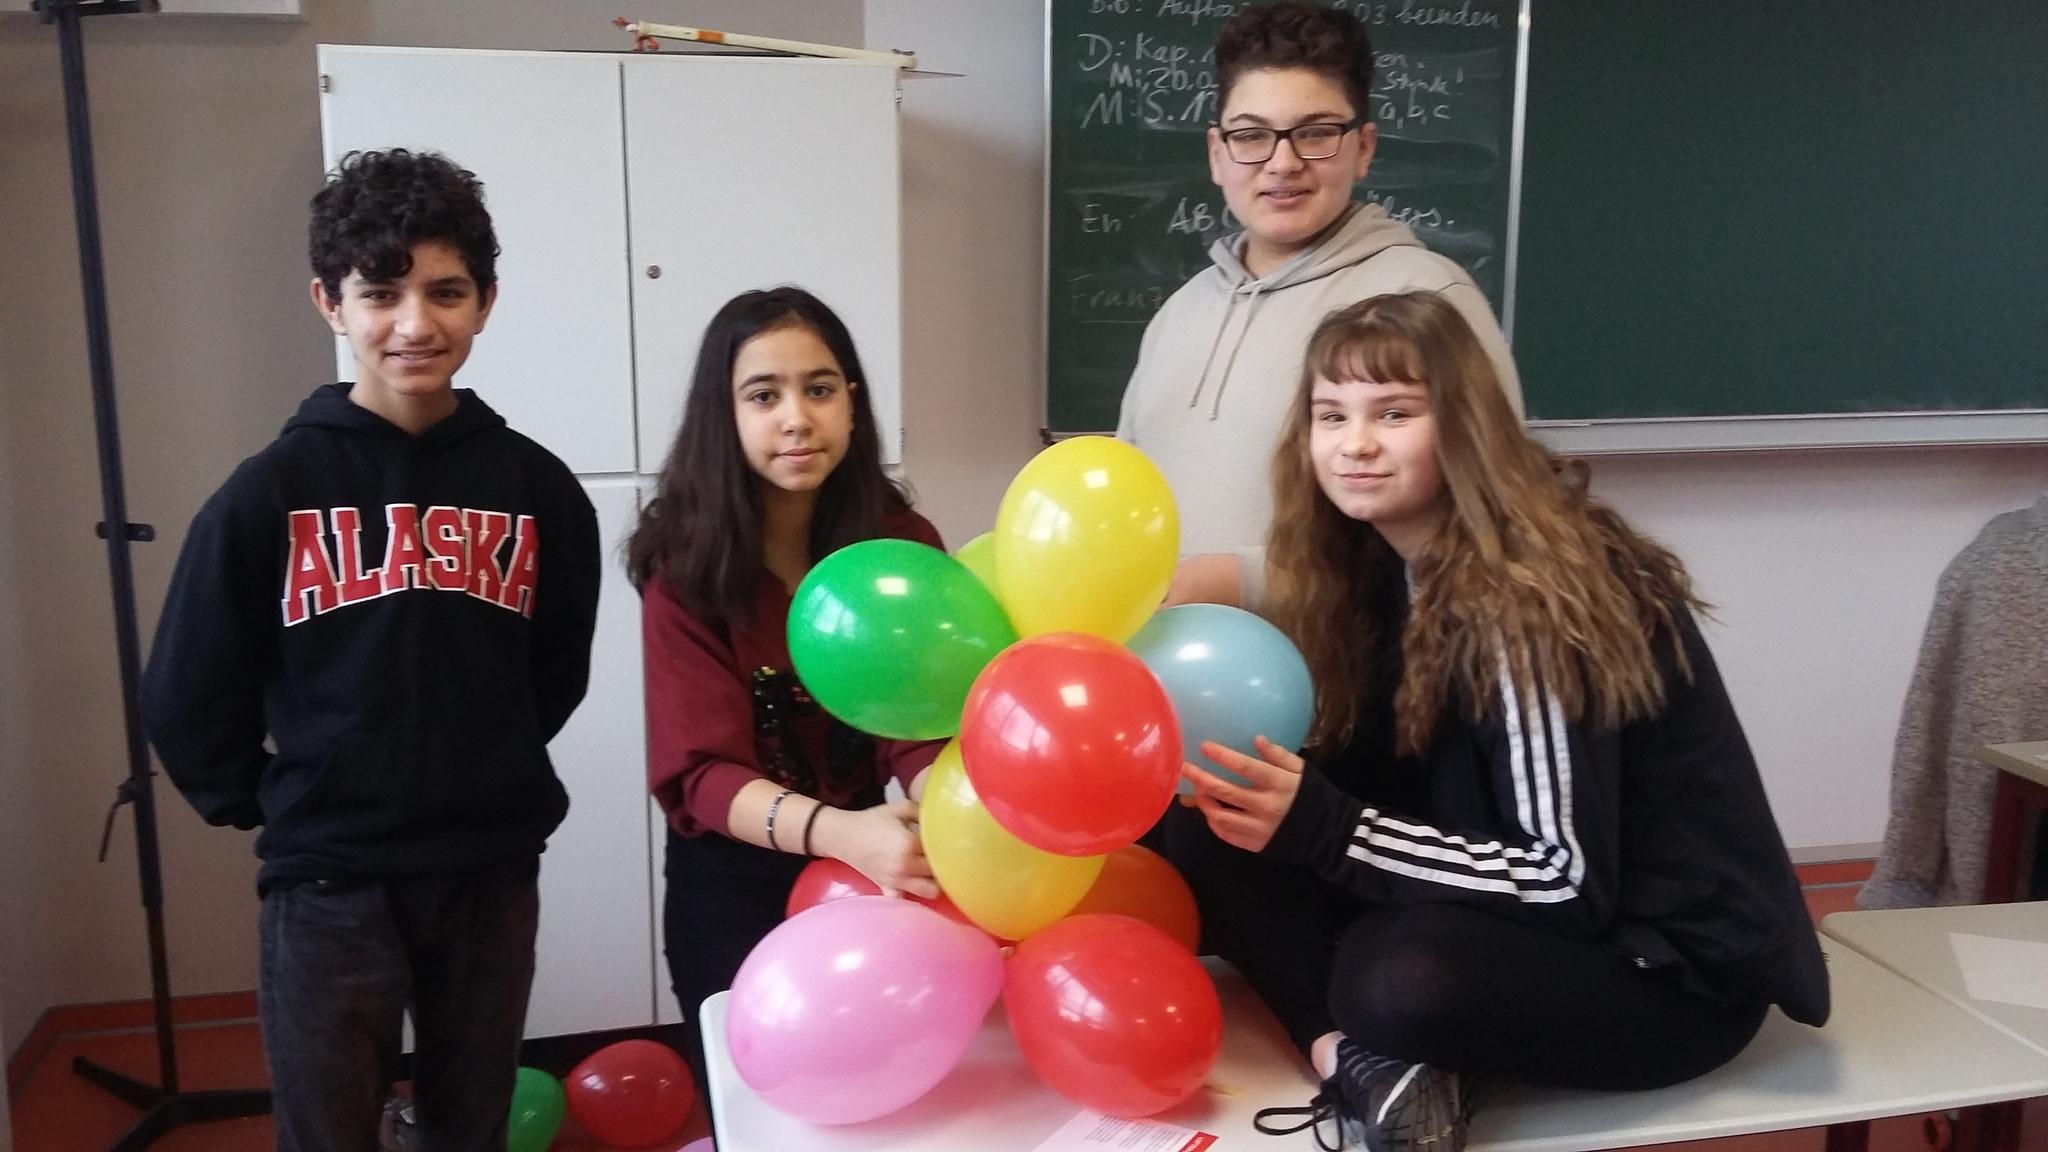 Luftballonturm